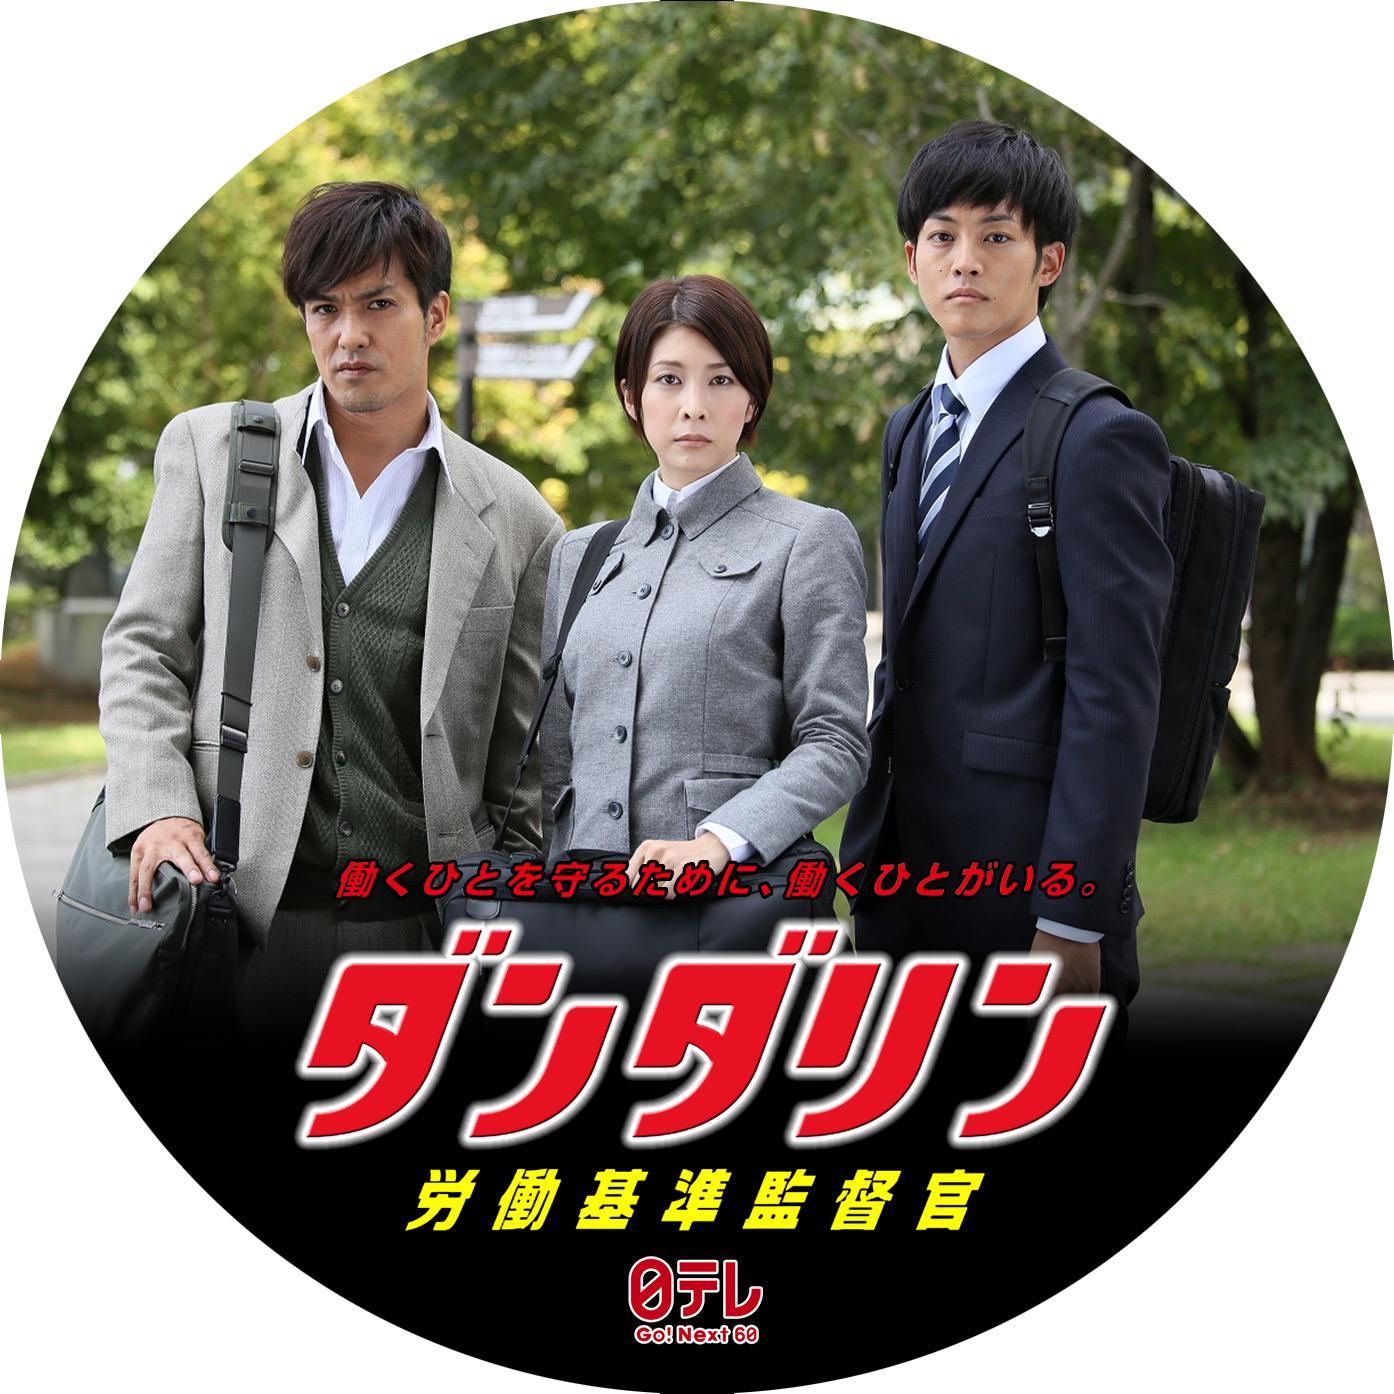 労働基準監督官 DVDラベル